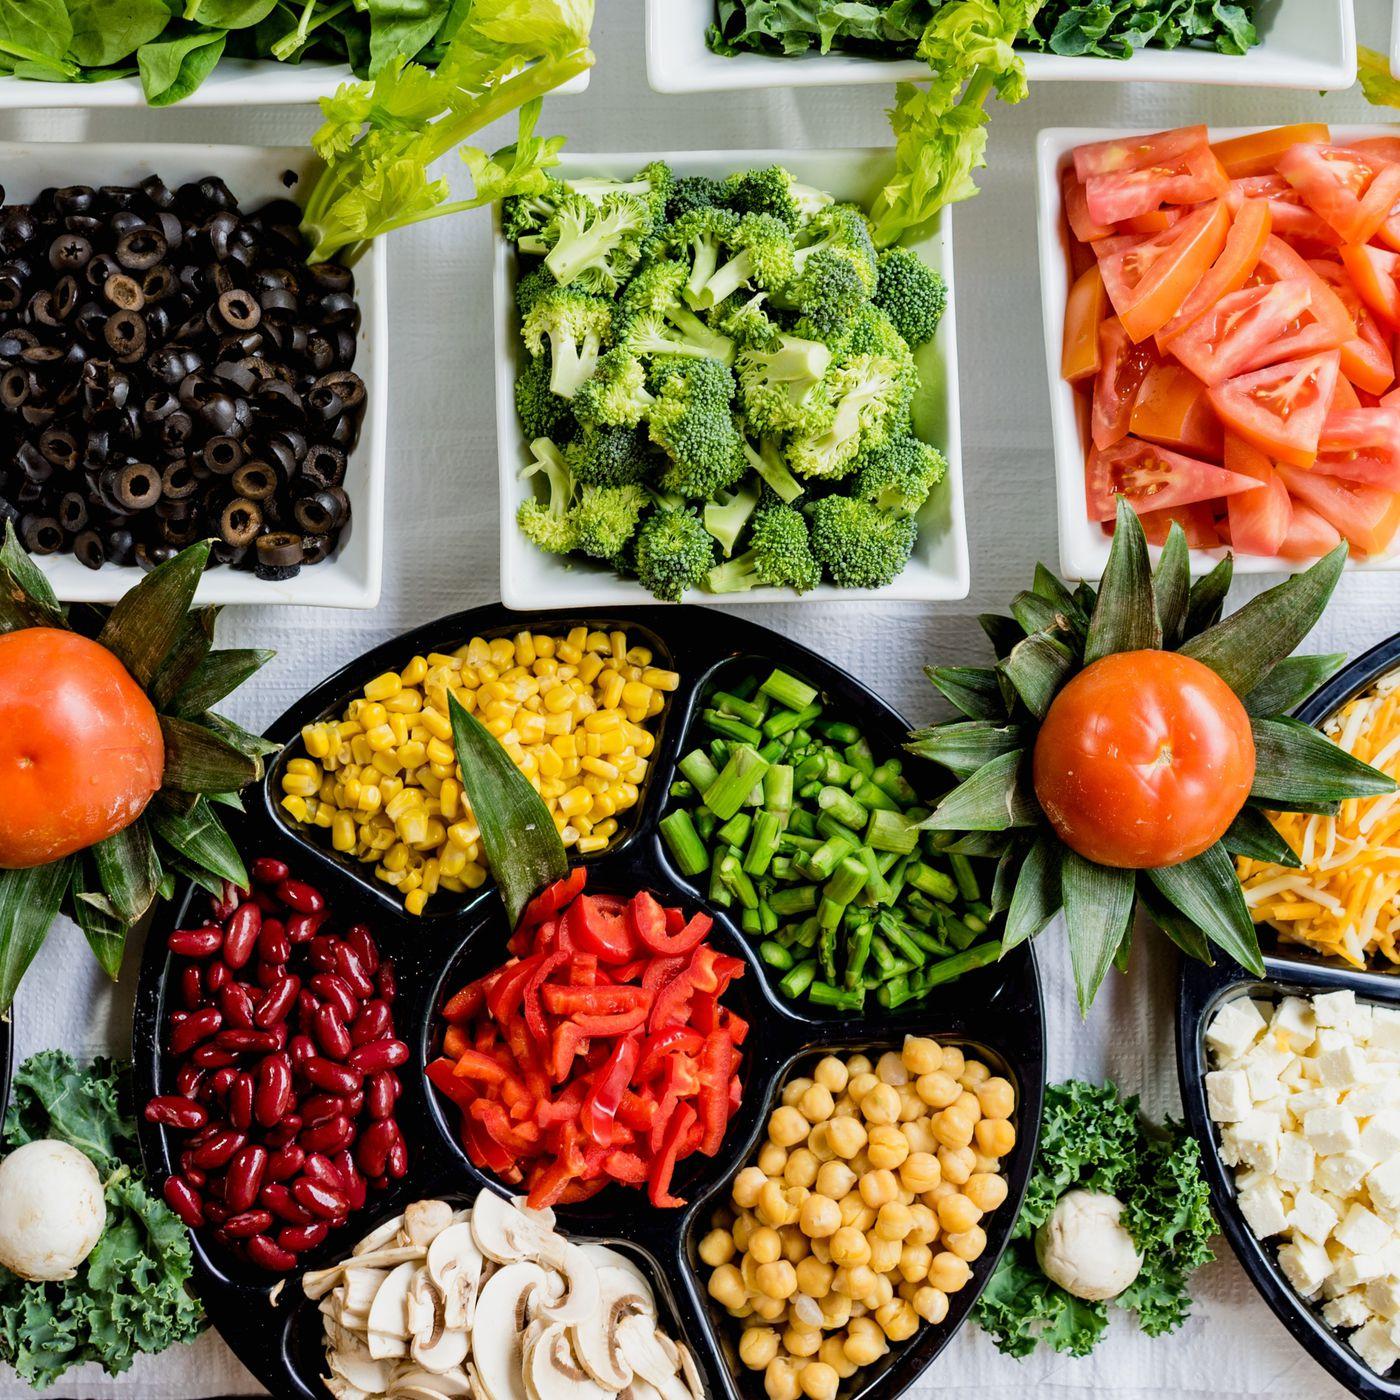 Antibesin Nedir? Antibesinleri Yemekten Kaçınmalı mıyız?